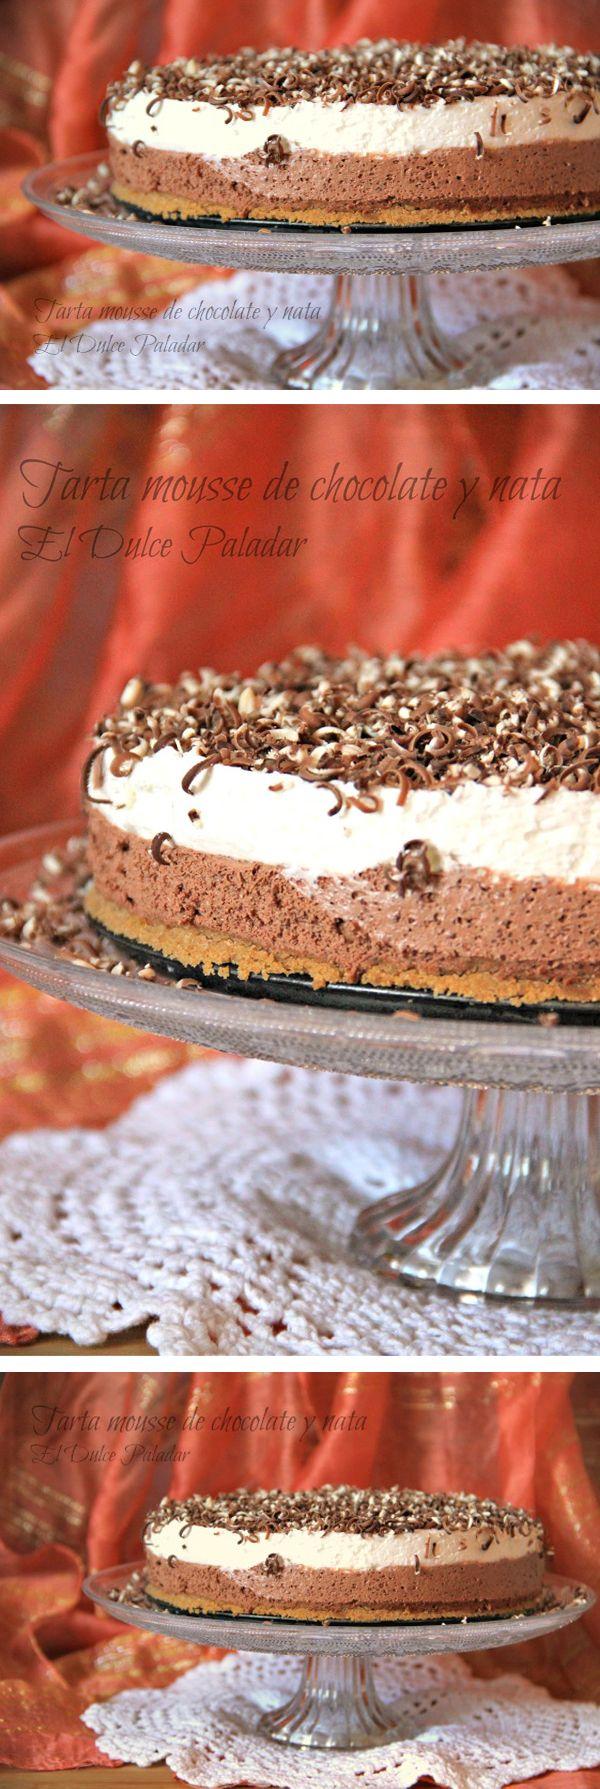 Tarta de mousse de chocolate / http://eldulcepaladar.blogspot.com.es